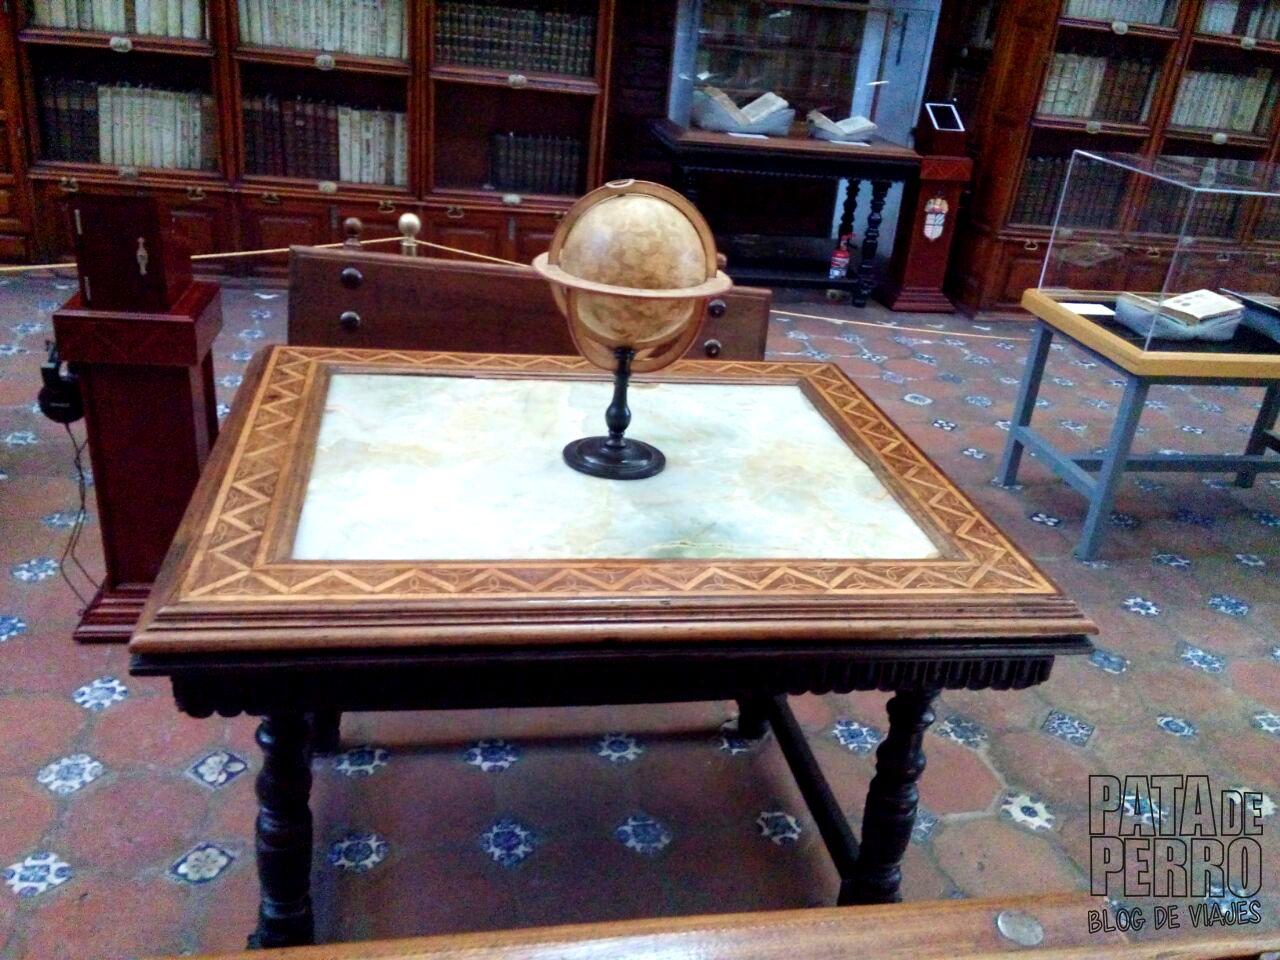 biblioteca-palafoxiana-la-primera-biblioteca-publica-de-america-pata-de-perro-blog-de-viajes-puebla-mexico-10